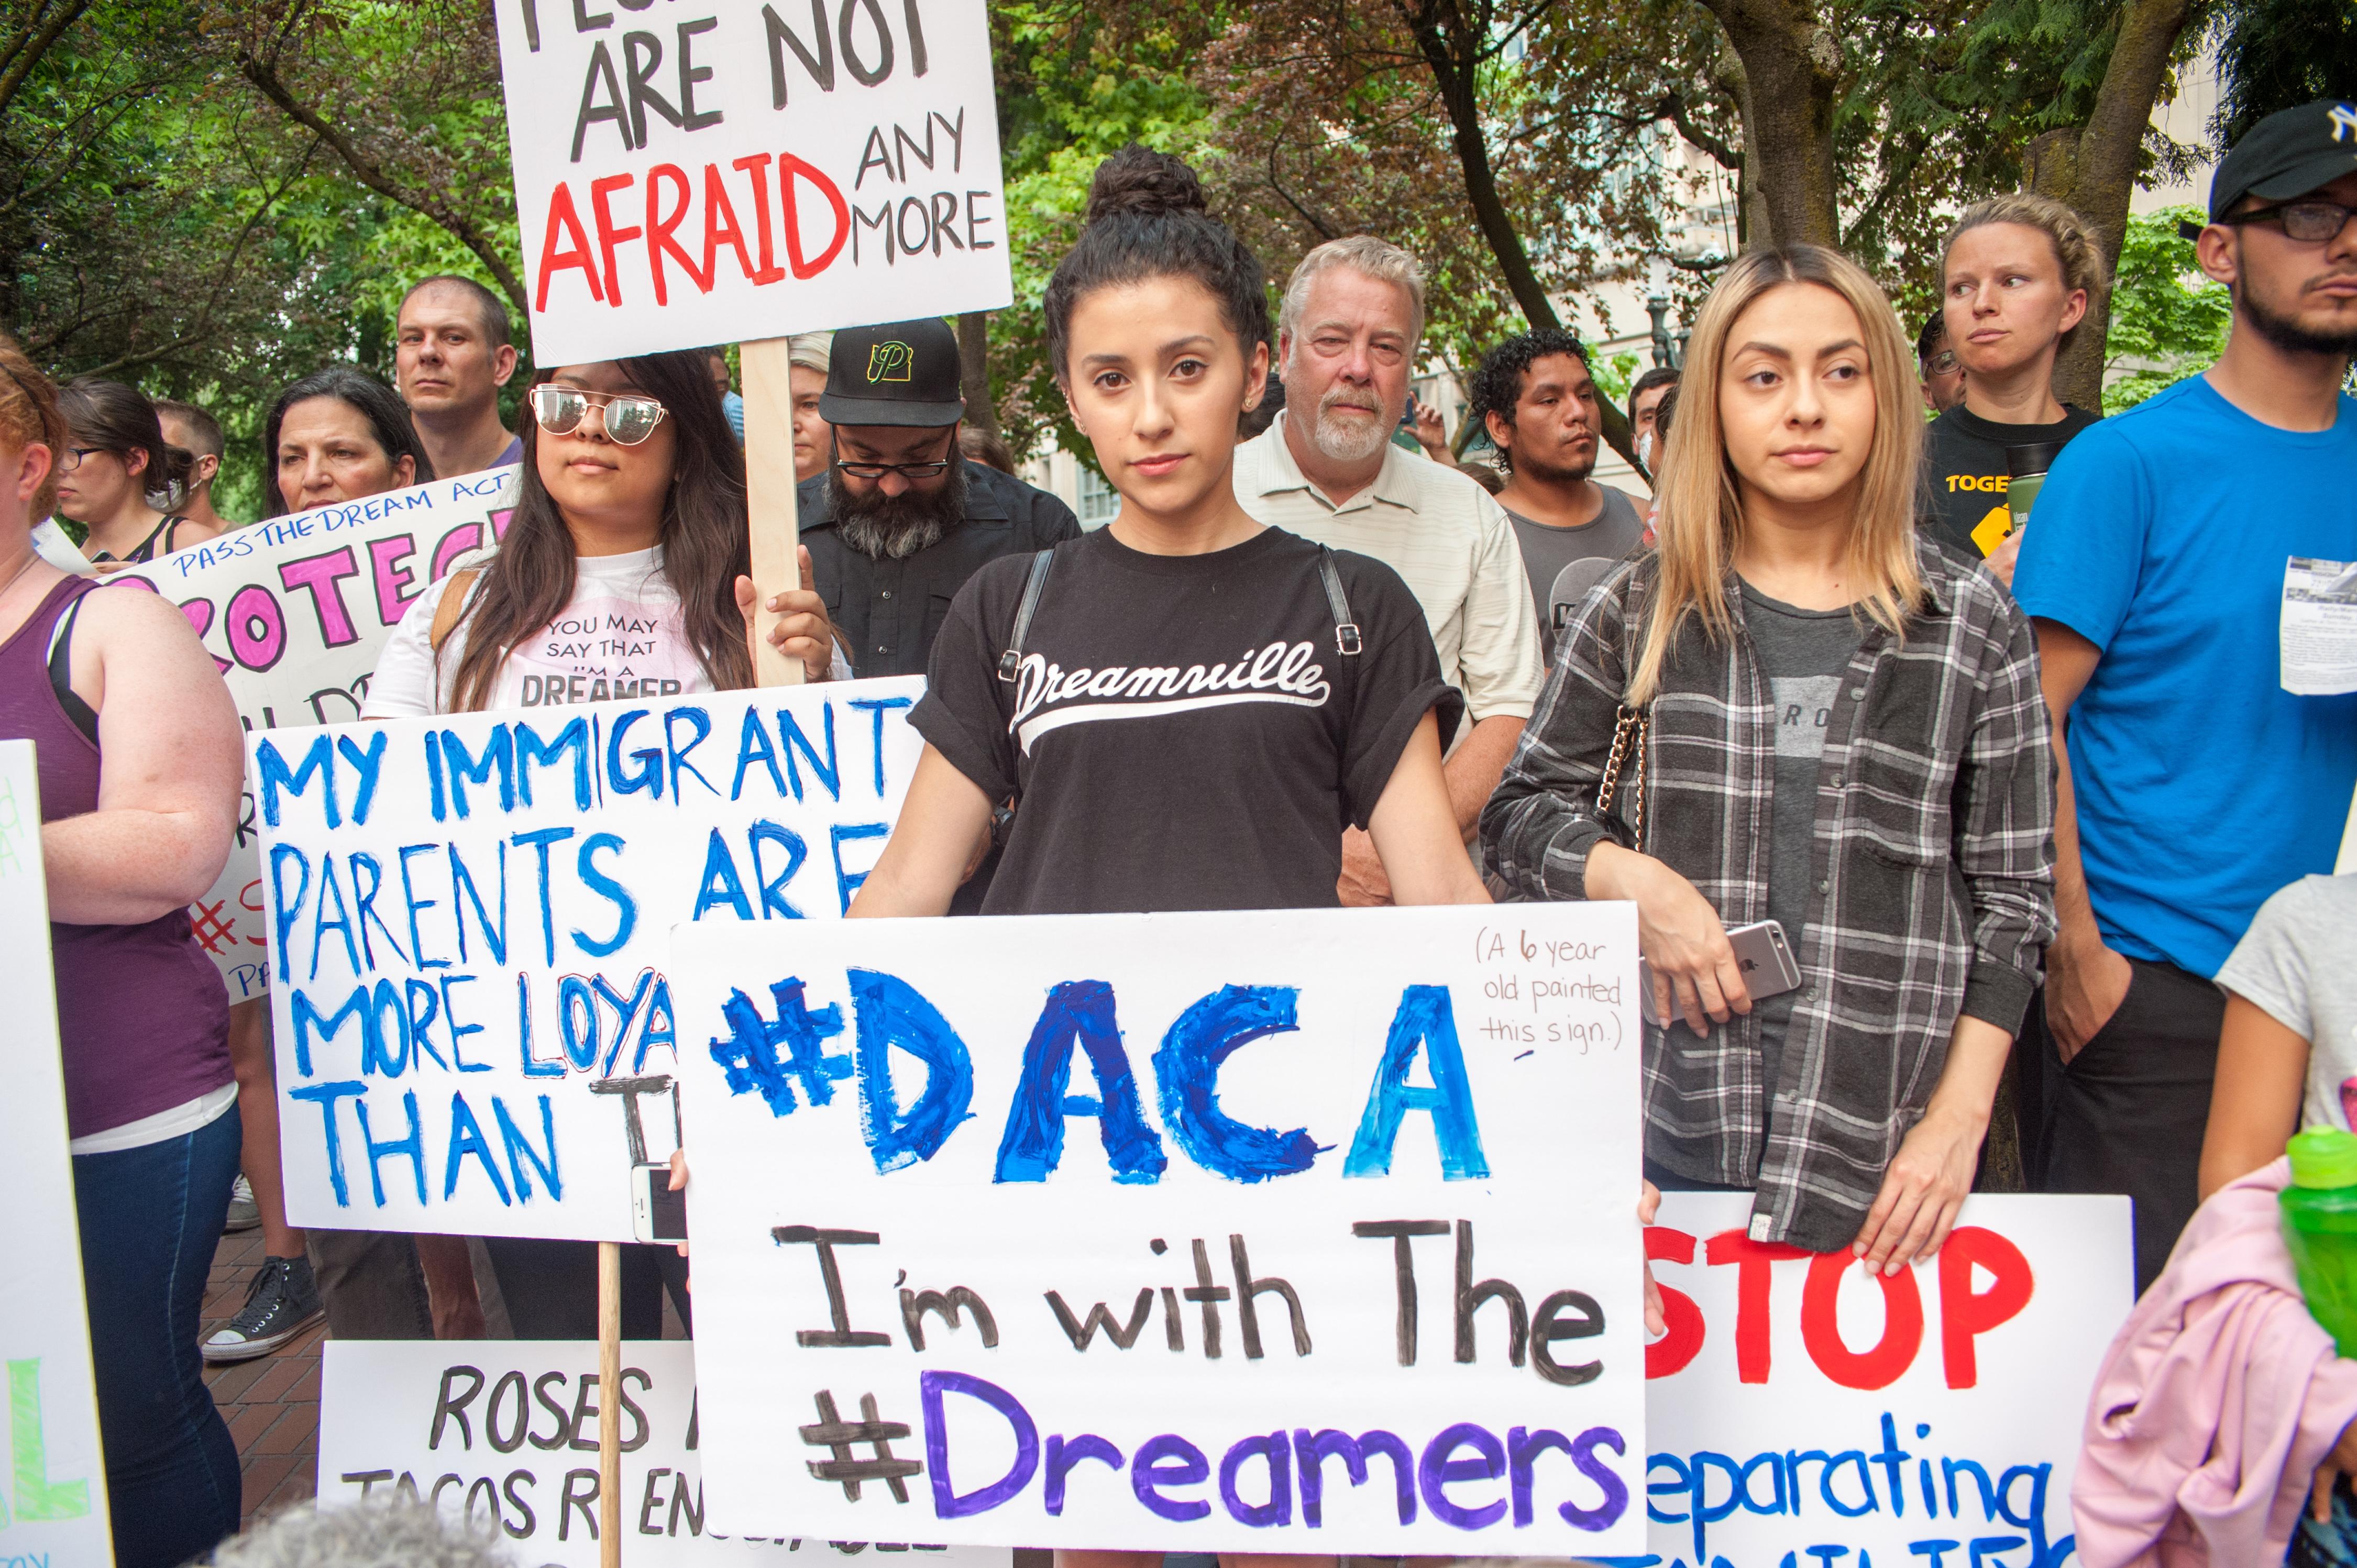 DACA TPS Donald Trump, DACA, inmigrantes, Corte de Apelaciones, San Francisco, William Alsup, Barack Obama, Texas, California, Suprema Corte